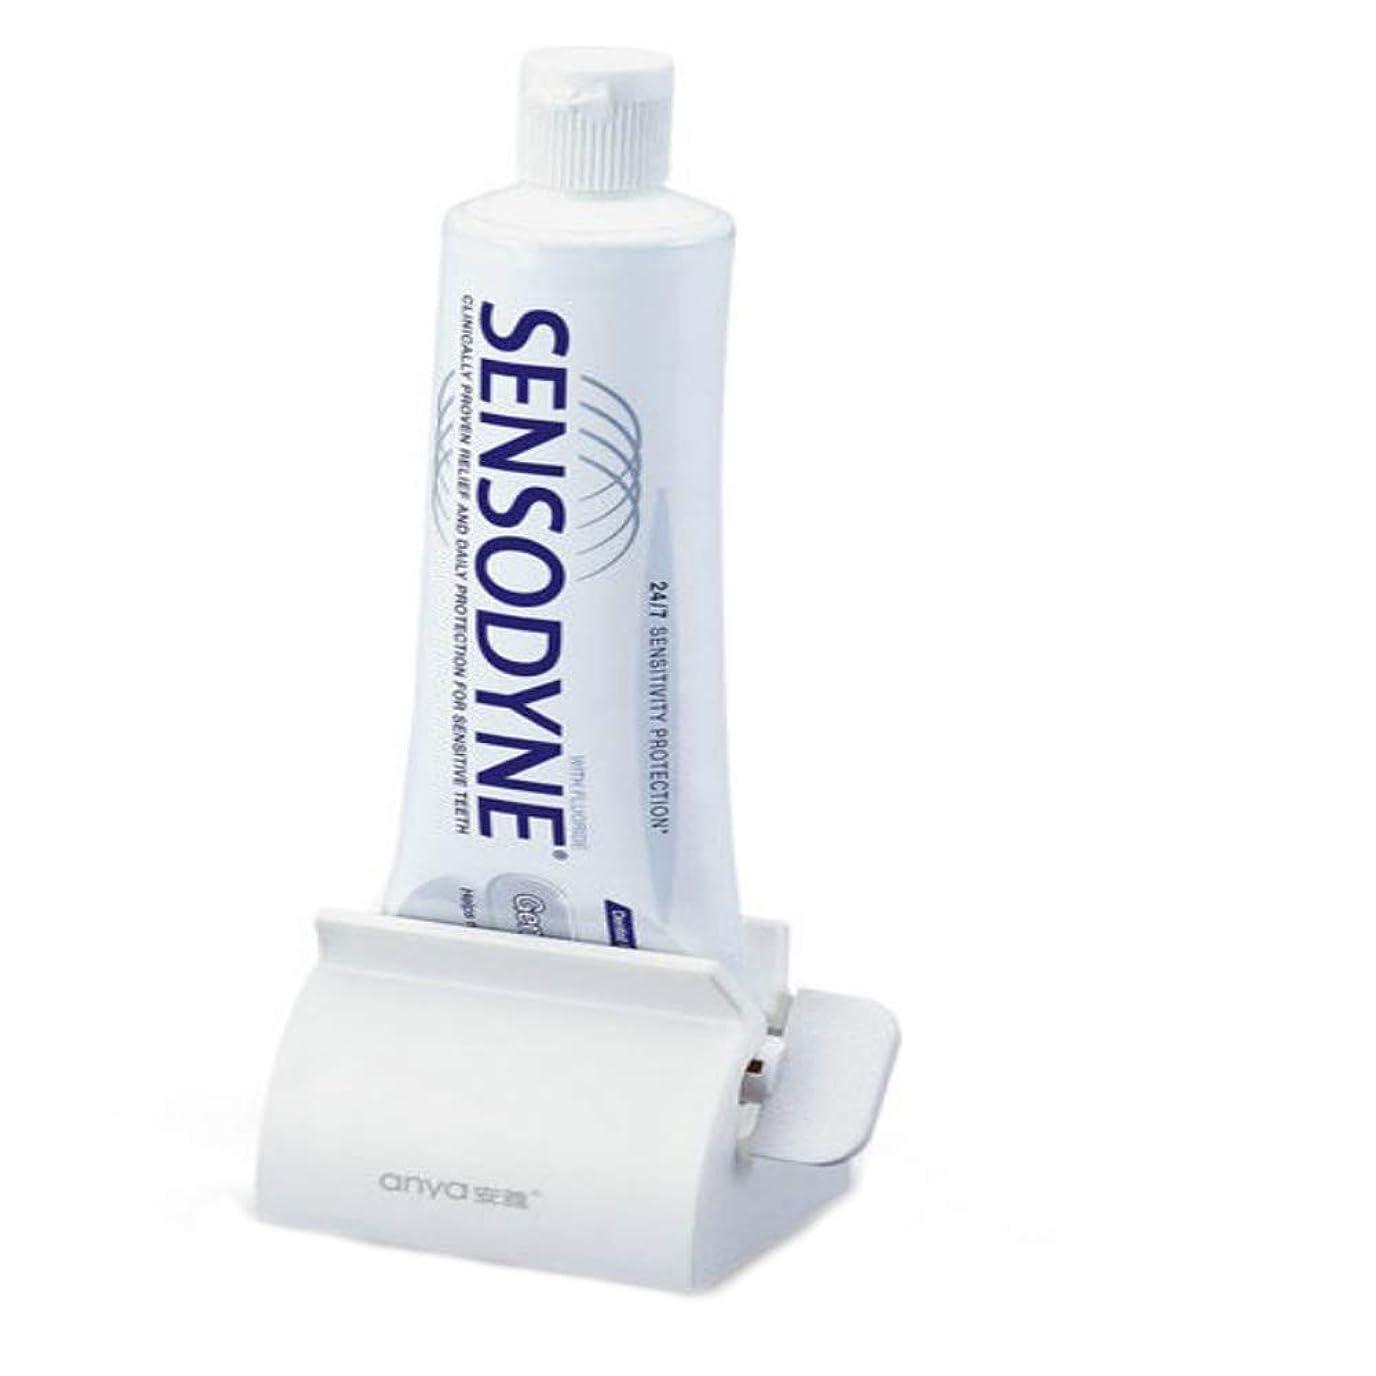 突然のゴシップカーペット歯磨き粉スクイーザ多目的クリエイティブマニュアルホームスクイーザ用ホース歯磨き粉洗顔料ハンドクリームなど,BWhite